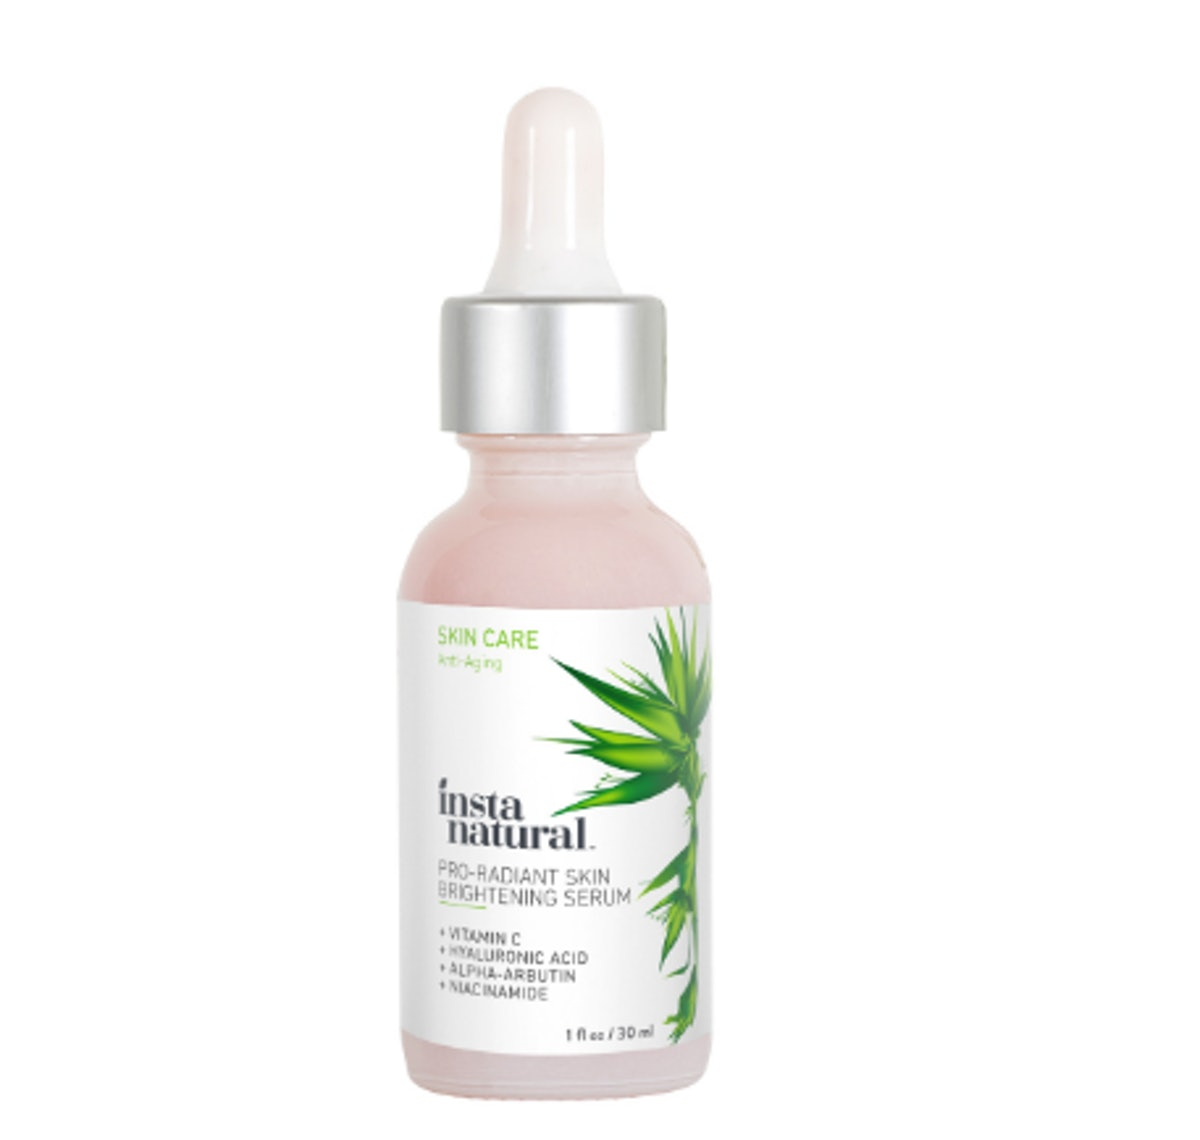 InstaNatural Skin Brightening Serum, 1 Oz